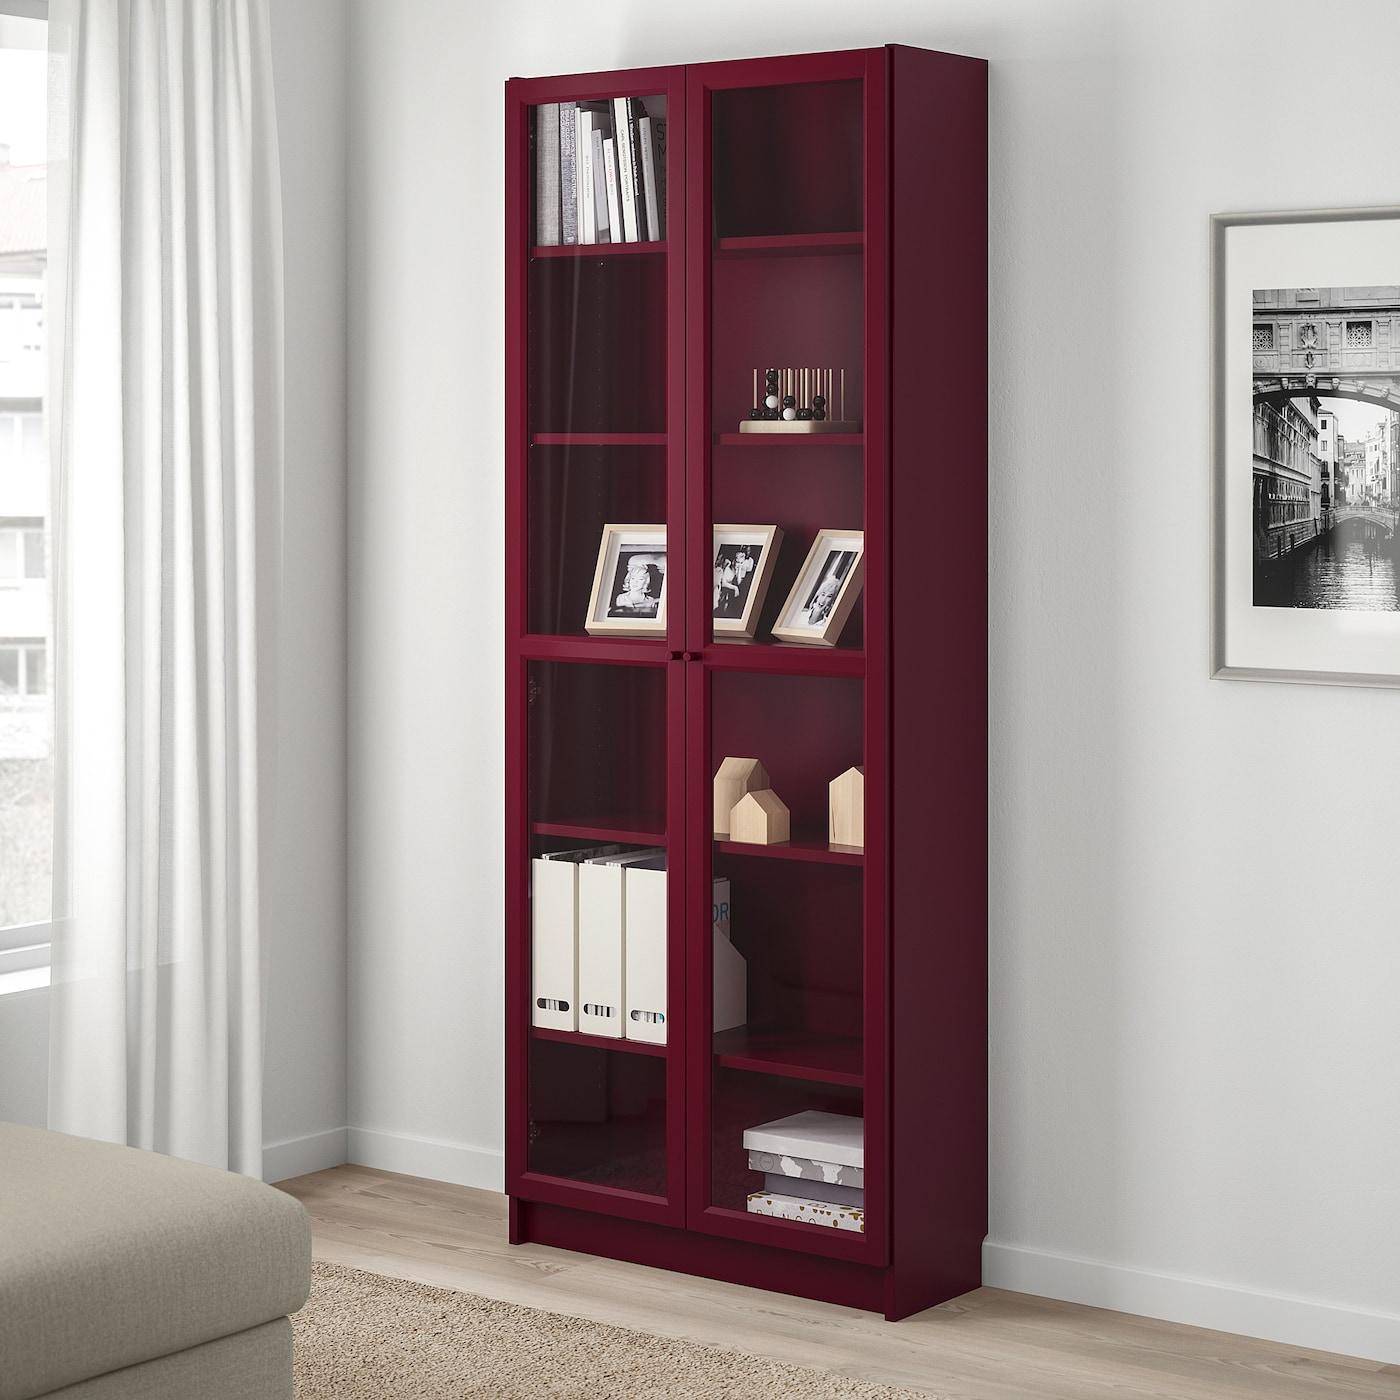 BILLY Bücherregal mit Glastüren dunkelrot IKEA Österreich